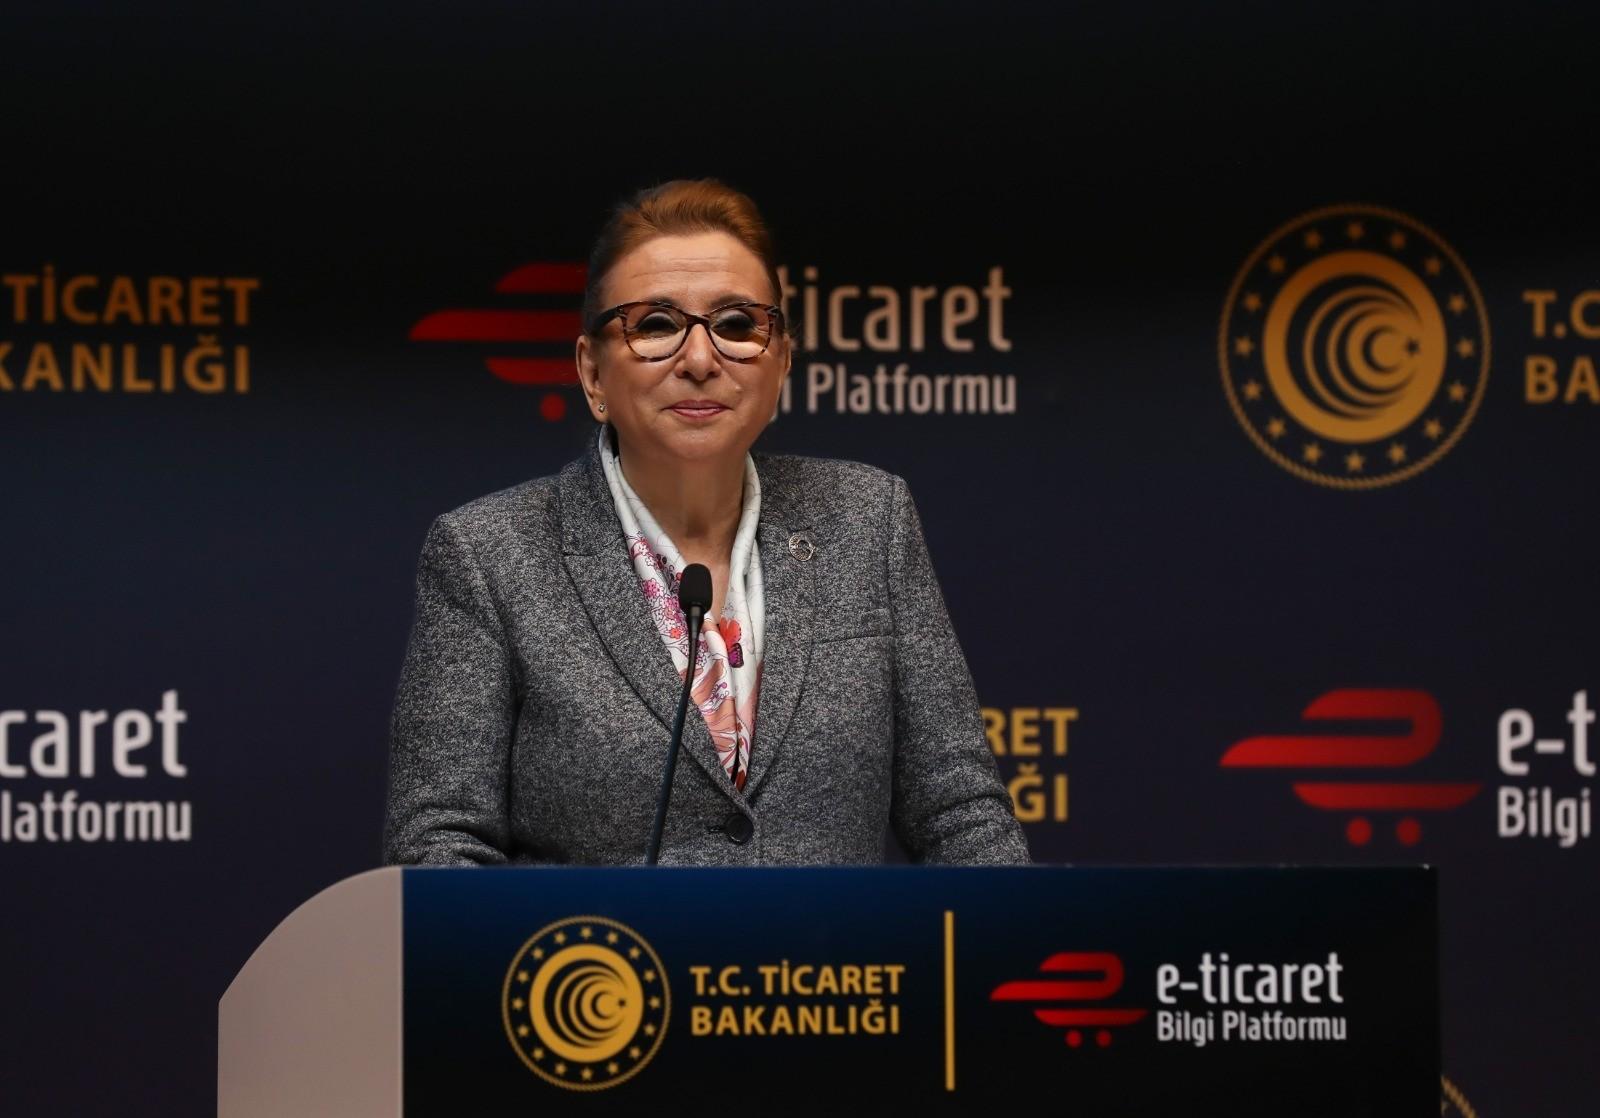 """Bakan Pekcan: """"Türkiye şimdiden küresel ölçekte hızla büyüyen e-ticaret ve e-ihracat pazarlarında va"""